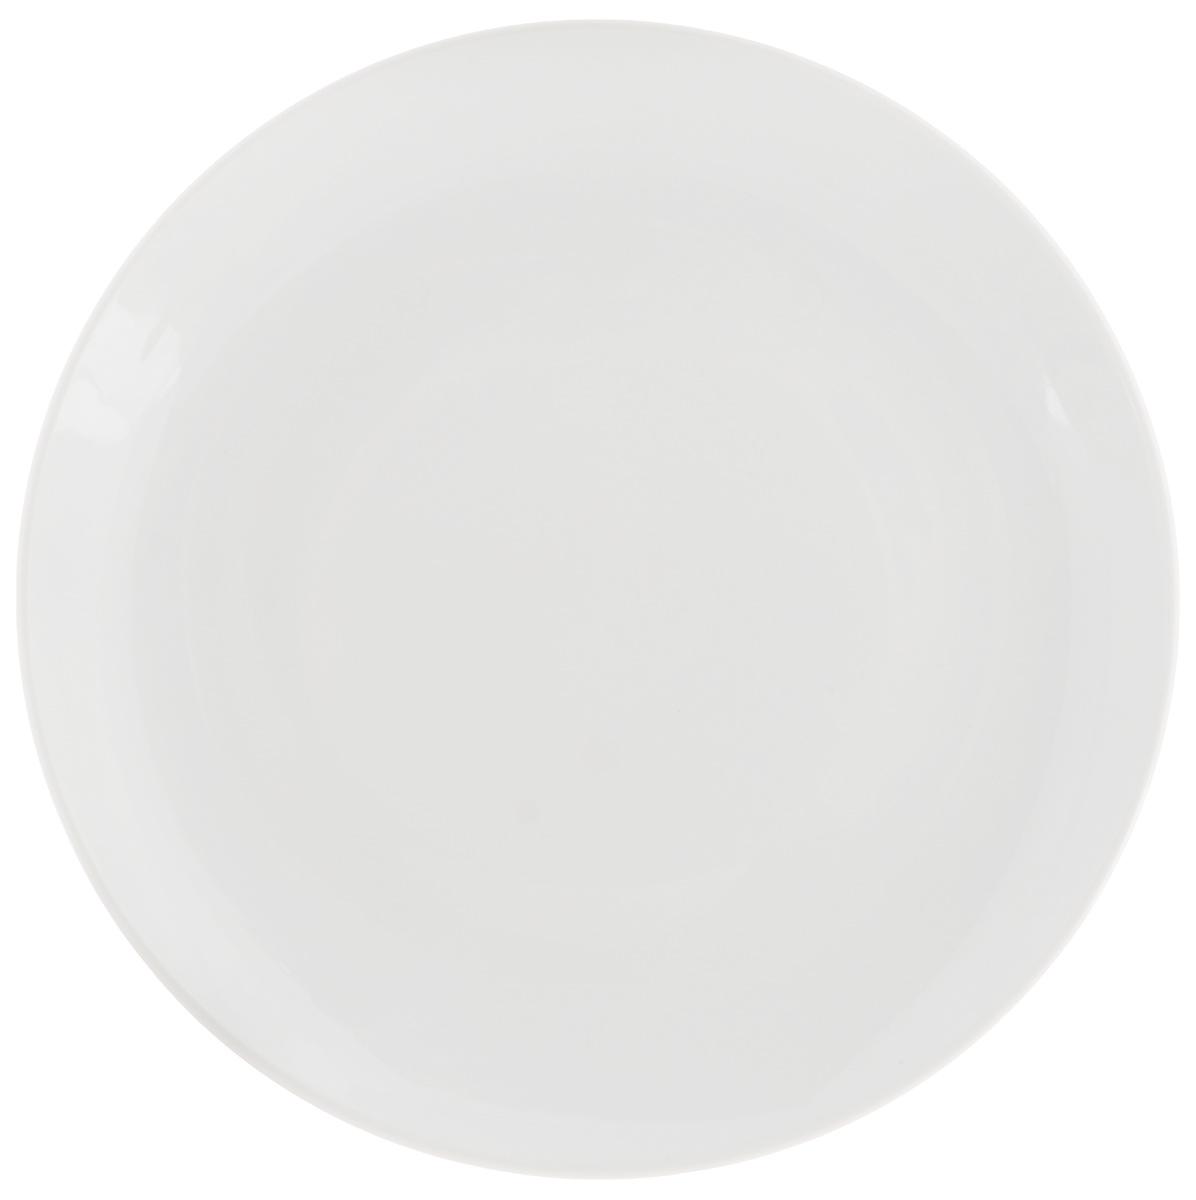 Тарелка десертная Фарфор Вербилок, диаметр 19 см6000БДесертная тарелка Фарфор Вербилок, изготовленная из фарфора. Такая тарелка прекрасно подходит как для торжественных случаев, так и для повседневного использования. Идеальна для подачи десертов, пирожных, тортов и многого другого. Она прекрасно оформит стол и станет отличным дополнением к вашей коллекции кухонной посуды. Диаметр тарелки (по верхнему краю): 19 см.